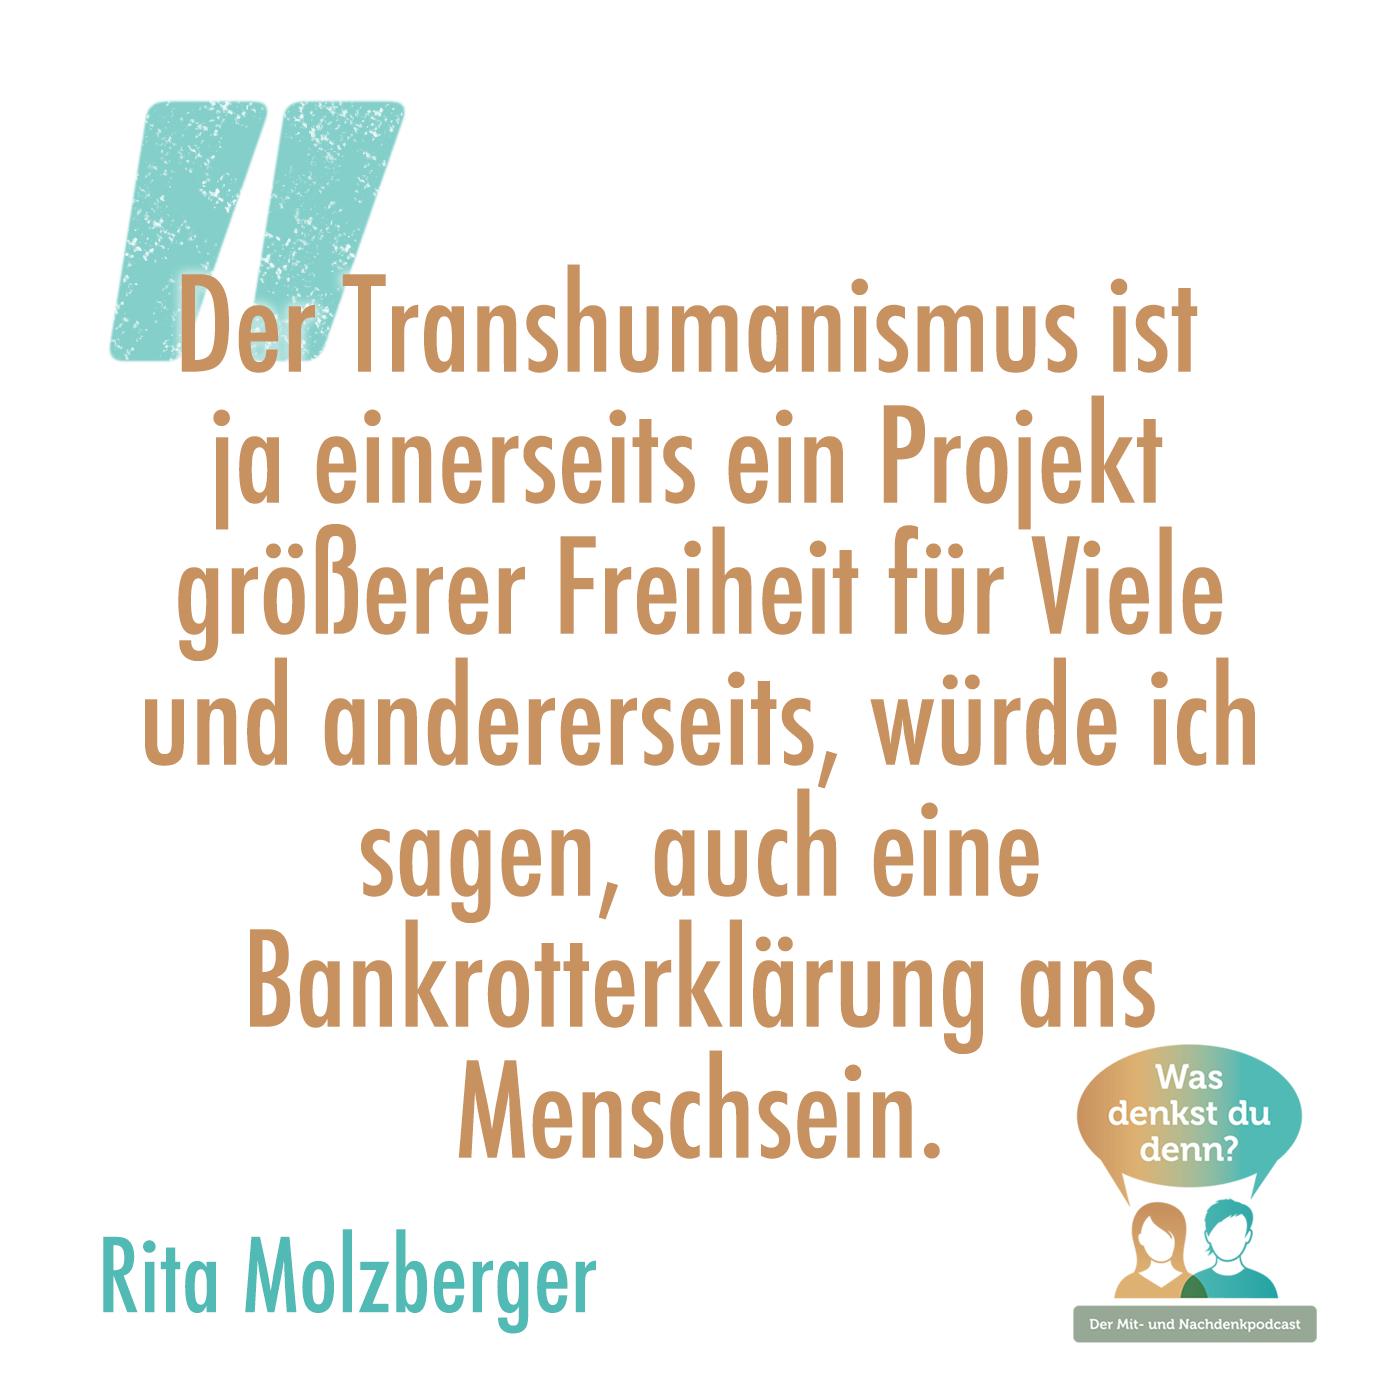 Zitat Rita Molzberger: Der Transhumanismus ist ja einerseits ein Projekt größerer Freiheit für Viele und andererseits, würde ich sagen, auch eine Bankrotterklärung ans Menschsein.